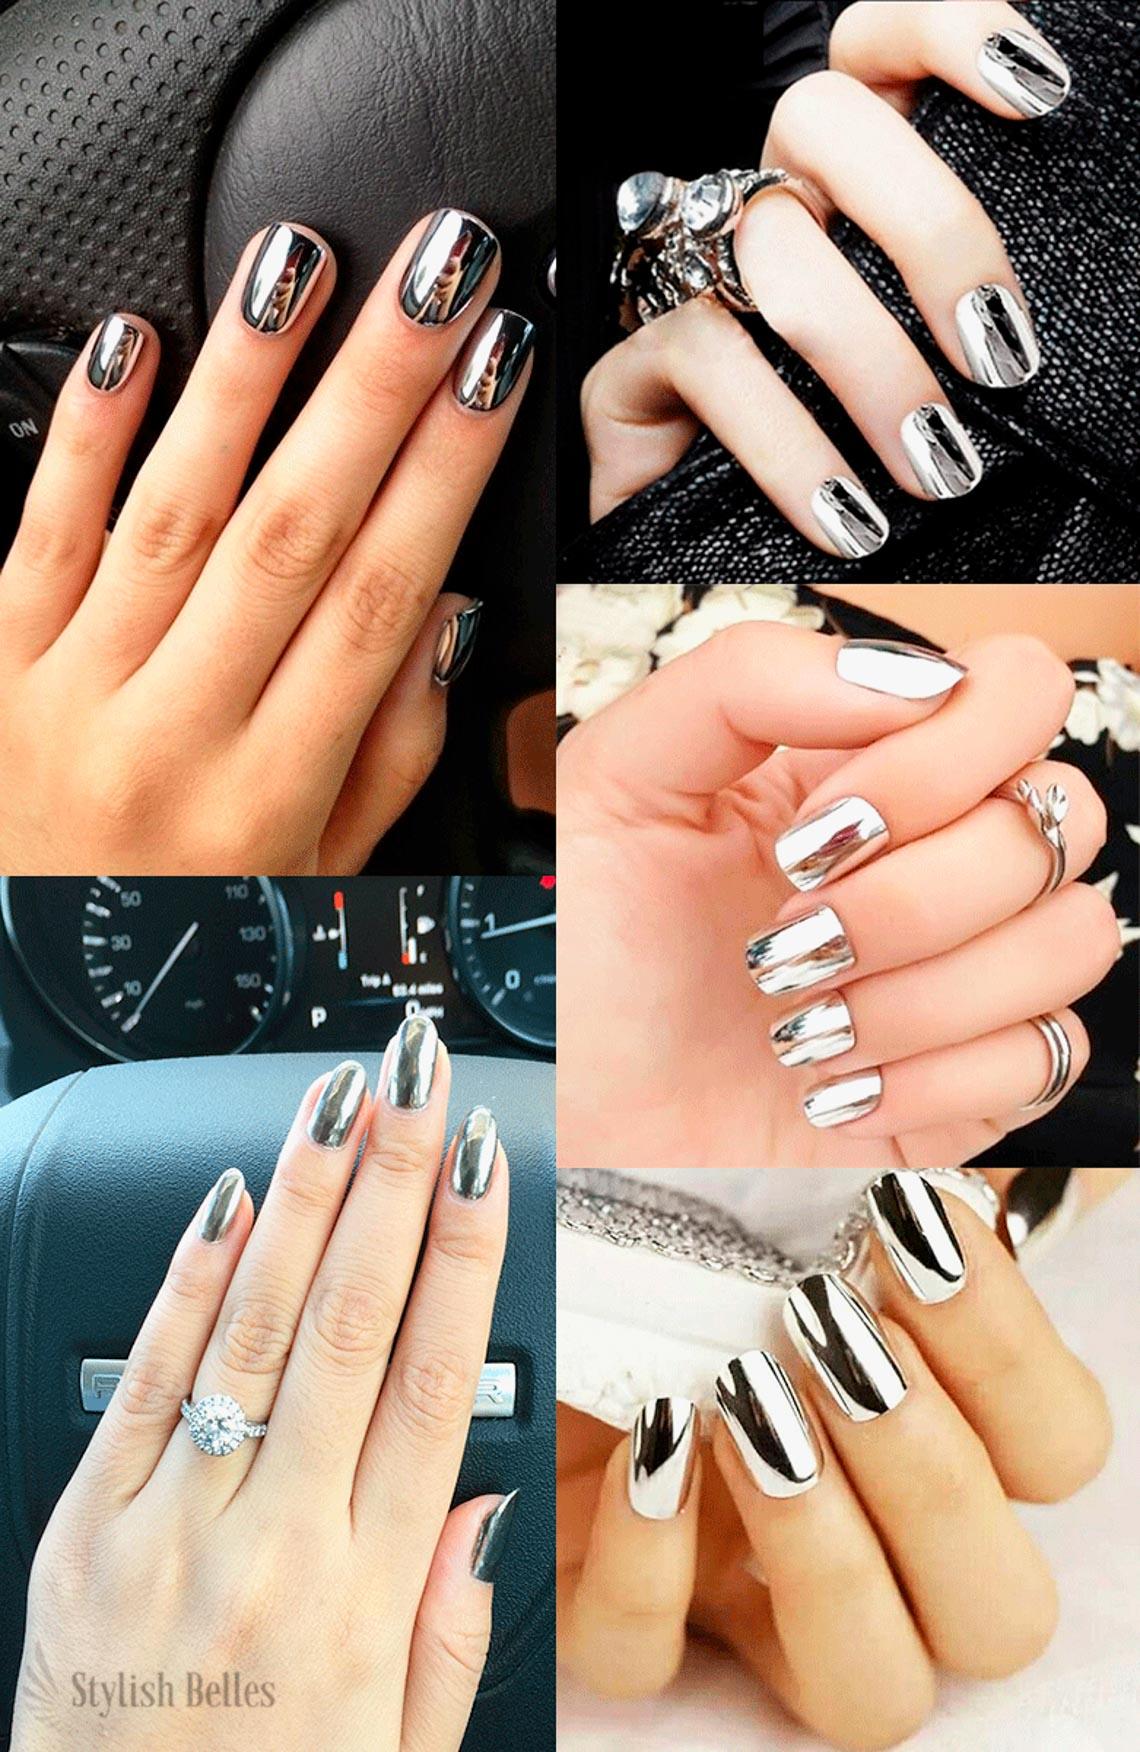 Các mẫu nails đang được yêu thích hiện nay - 2